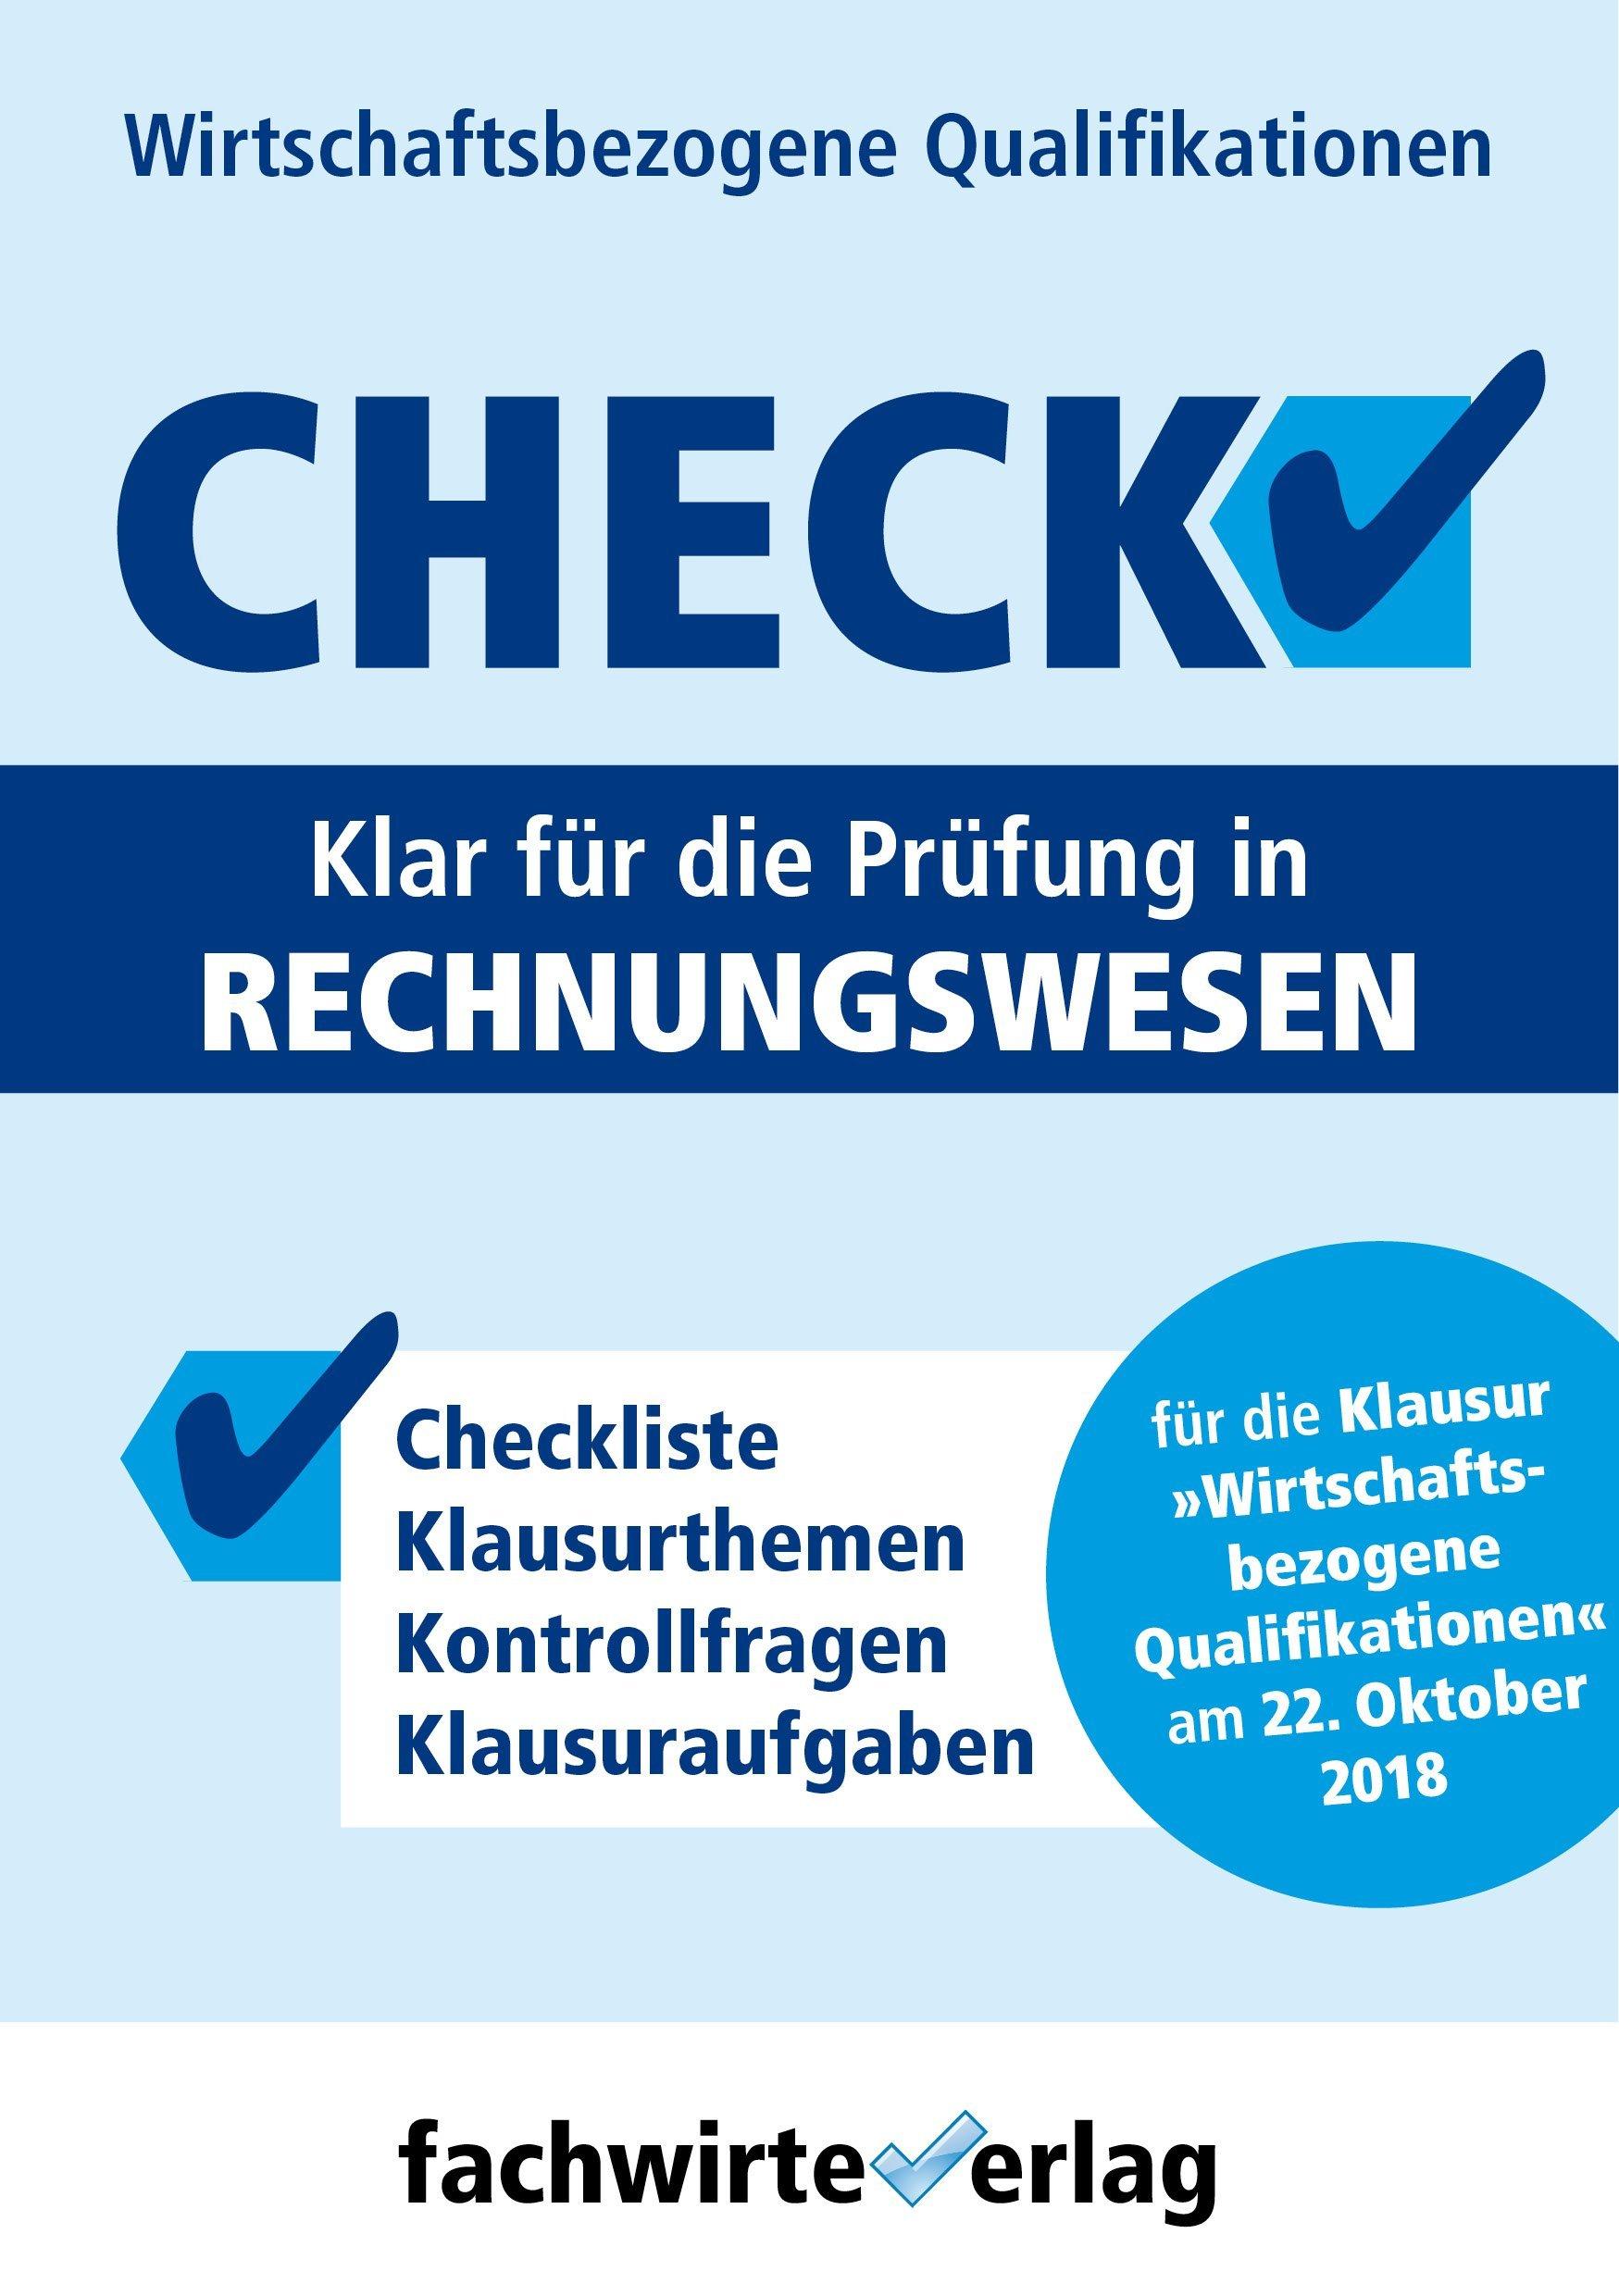 Rechnungswesen   Check   Fit Für Die Prüfung 'Wirtschaftsbezogene Qualifikationen'  Check WBQ 2